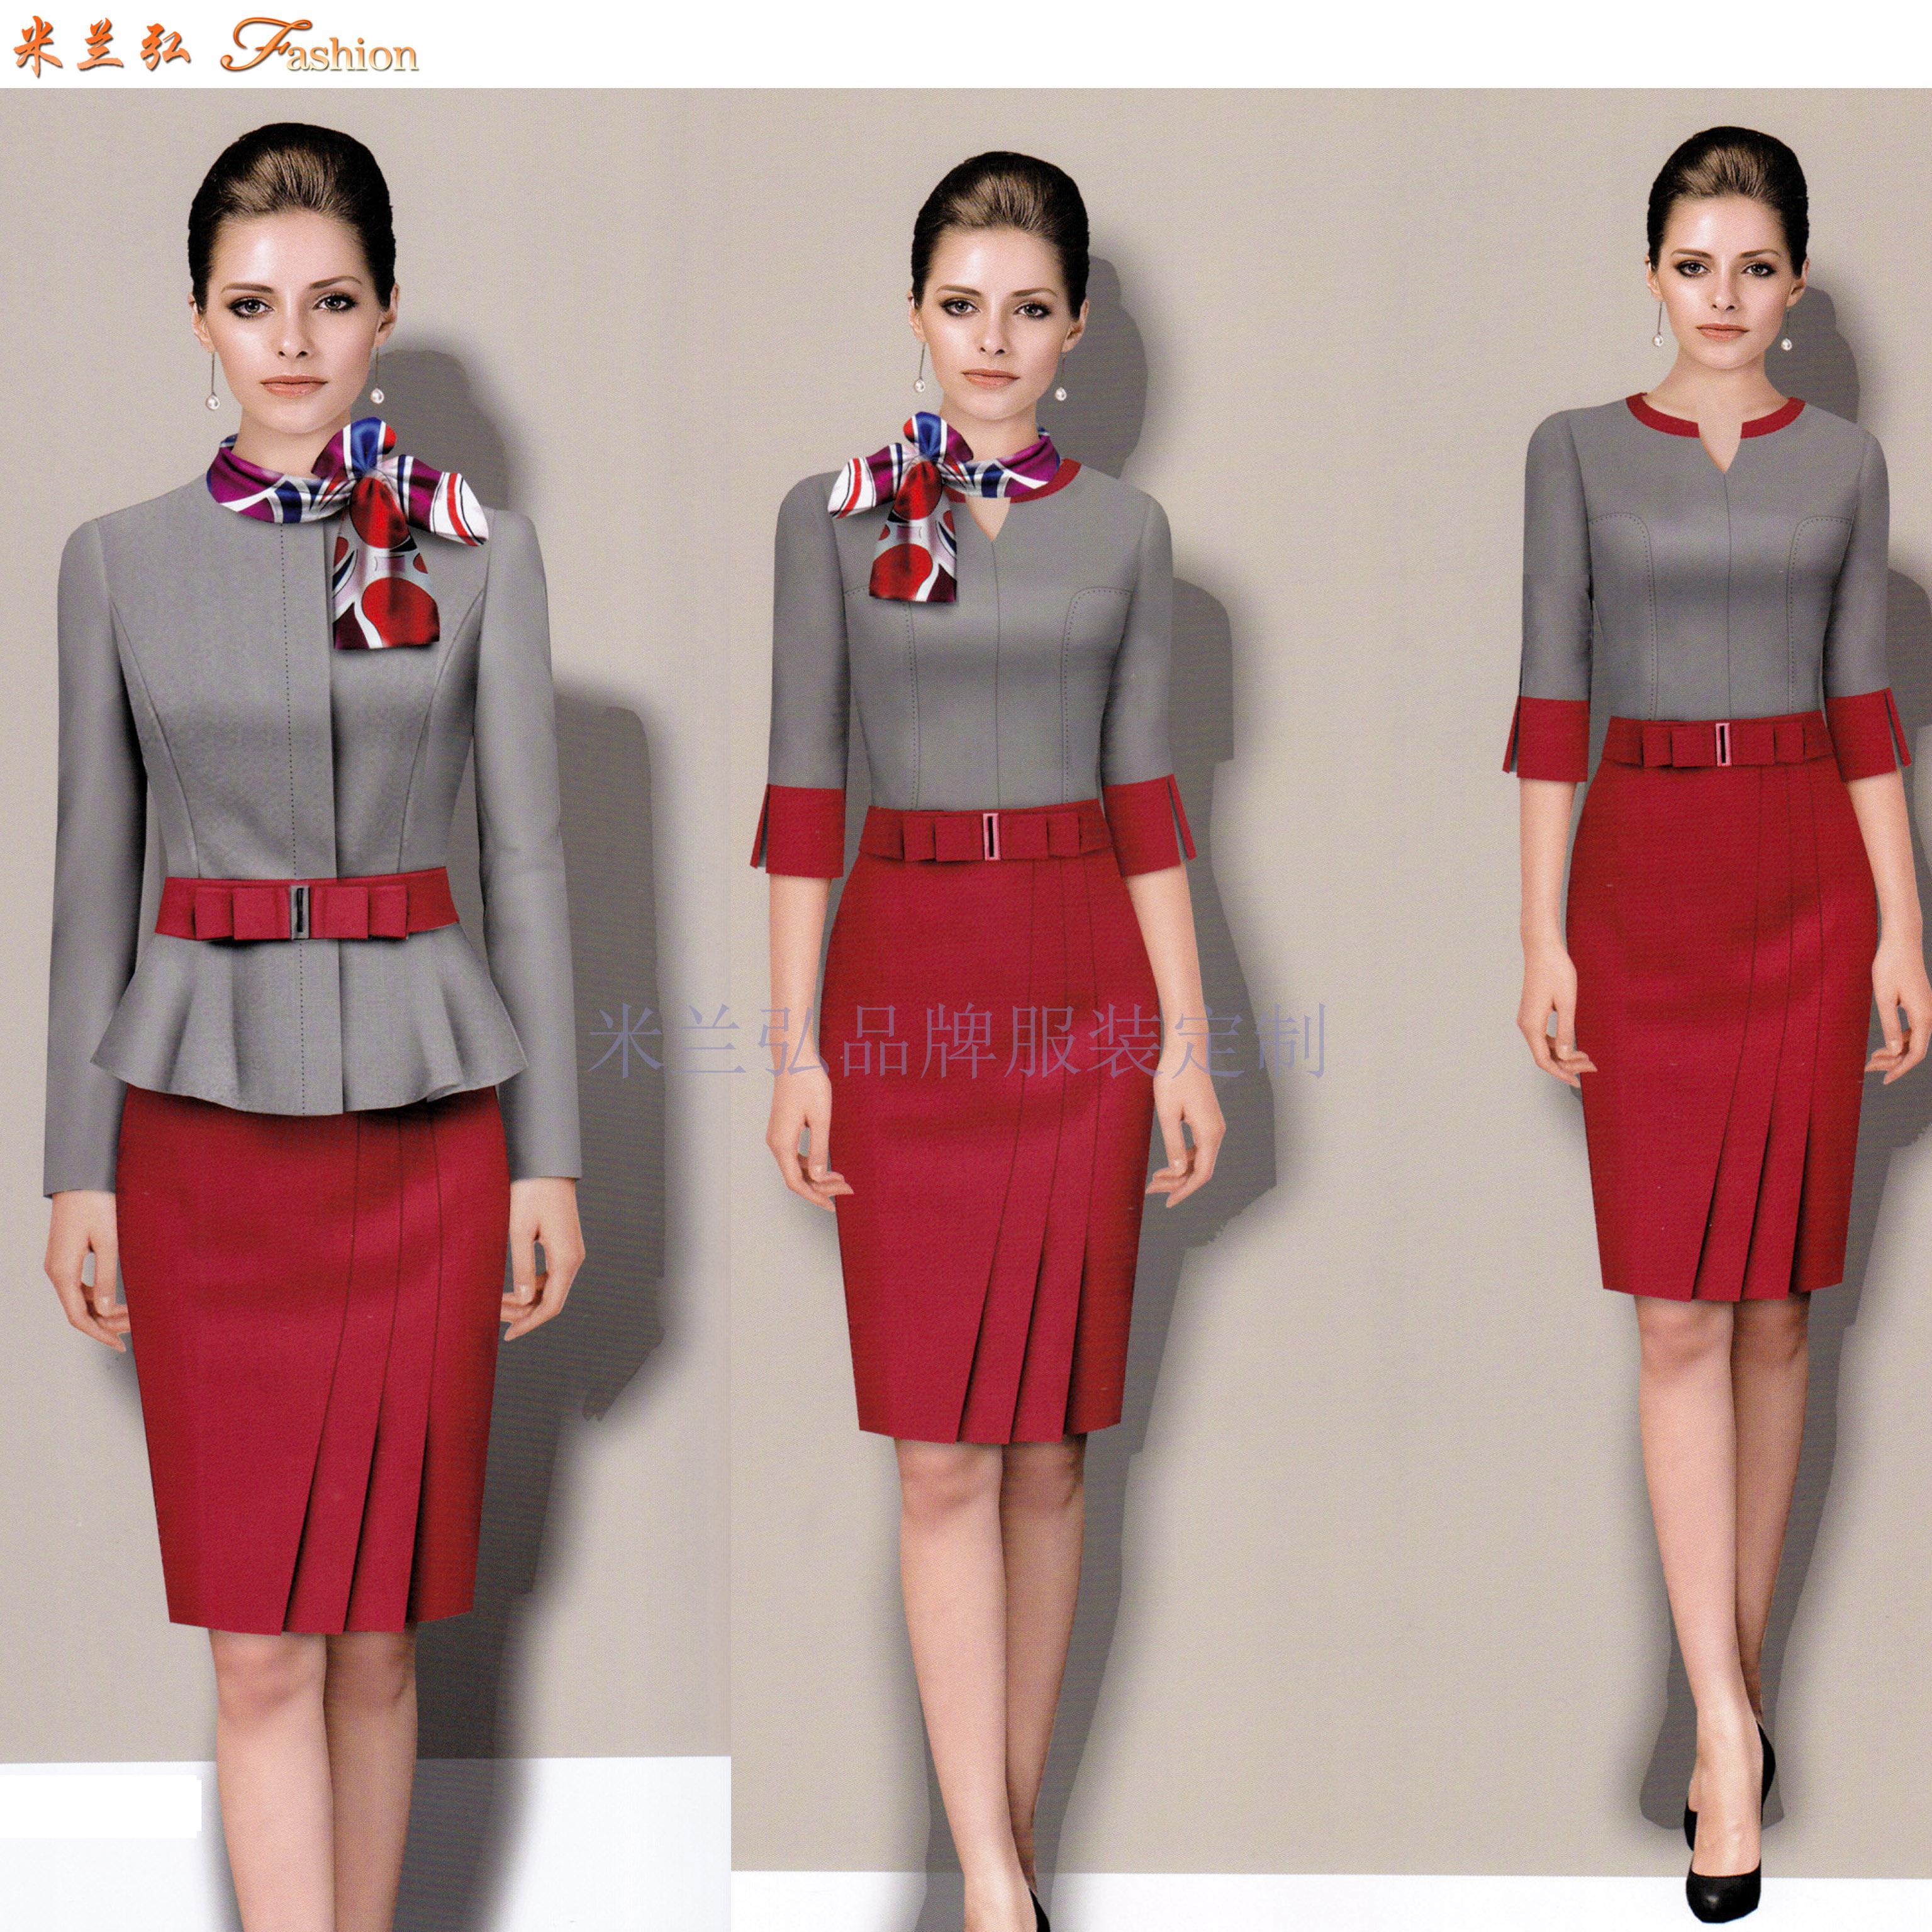 「濟南空姐服定製」「濟南空乘服訂做」推薦式樣時髦最新送体验金网站服裝-4